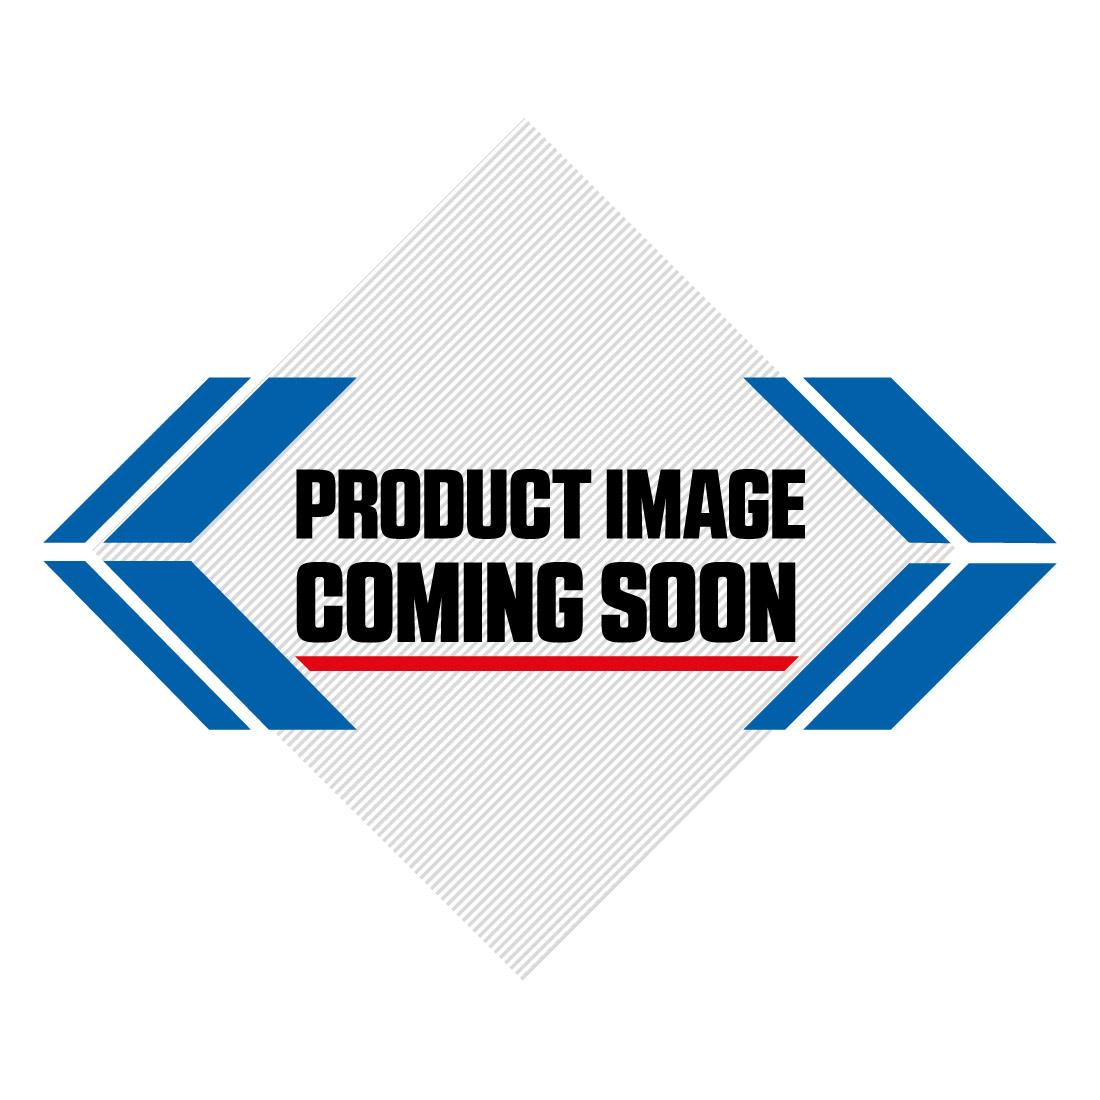 UFO KTM Plastic Kit SX 125 150 250 SXF 250 350 450 (16-18) Black Image-4